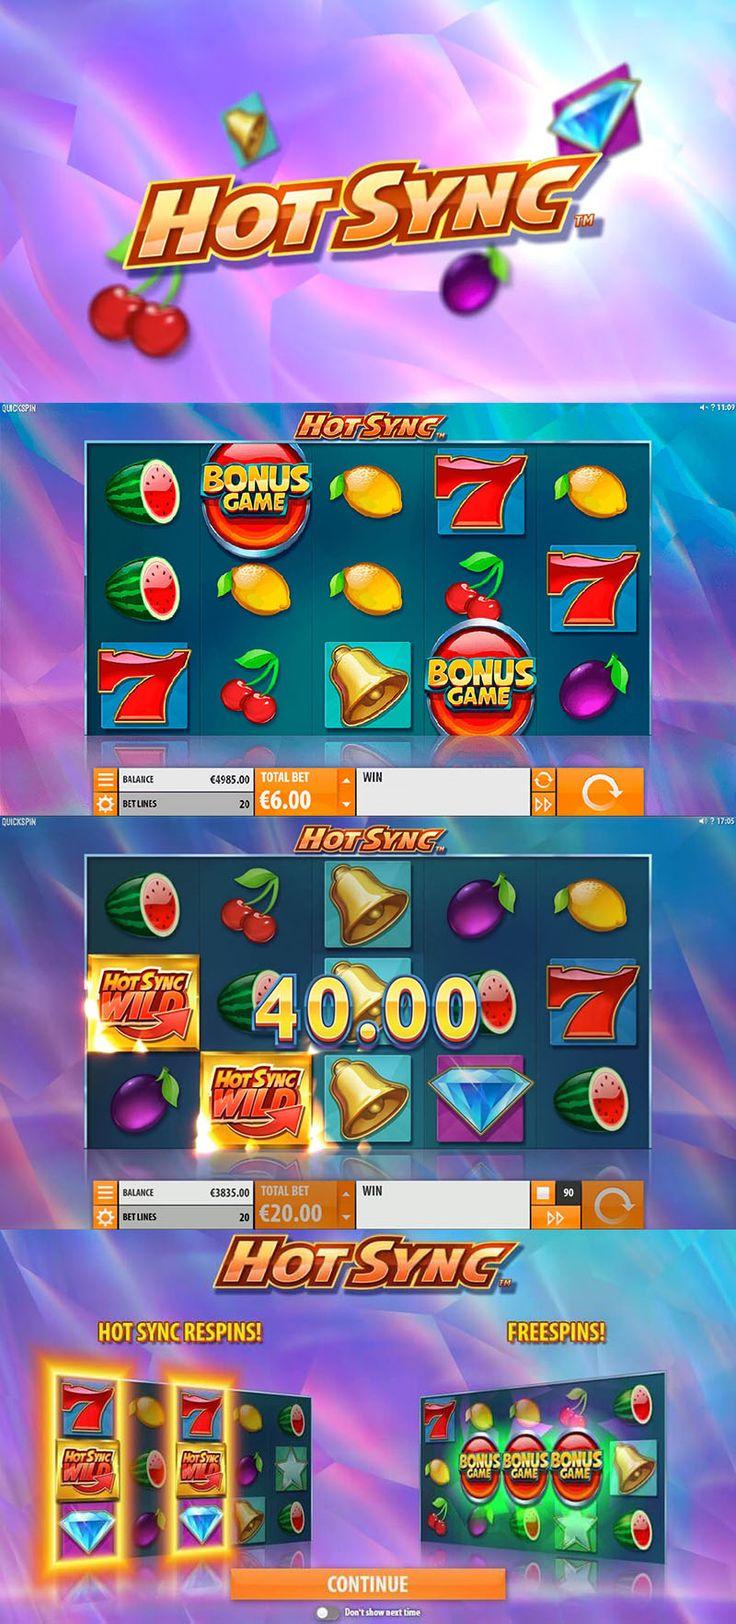 как работают слоты в онлайн казино